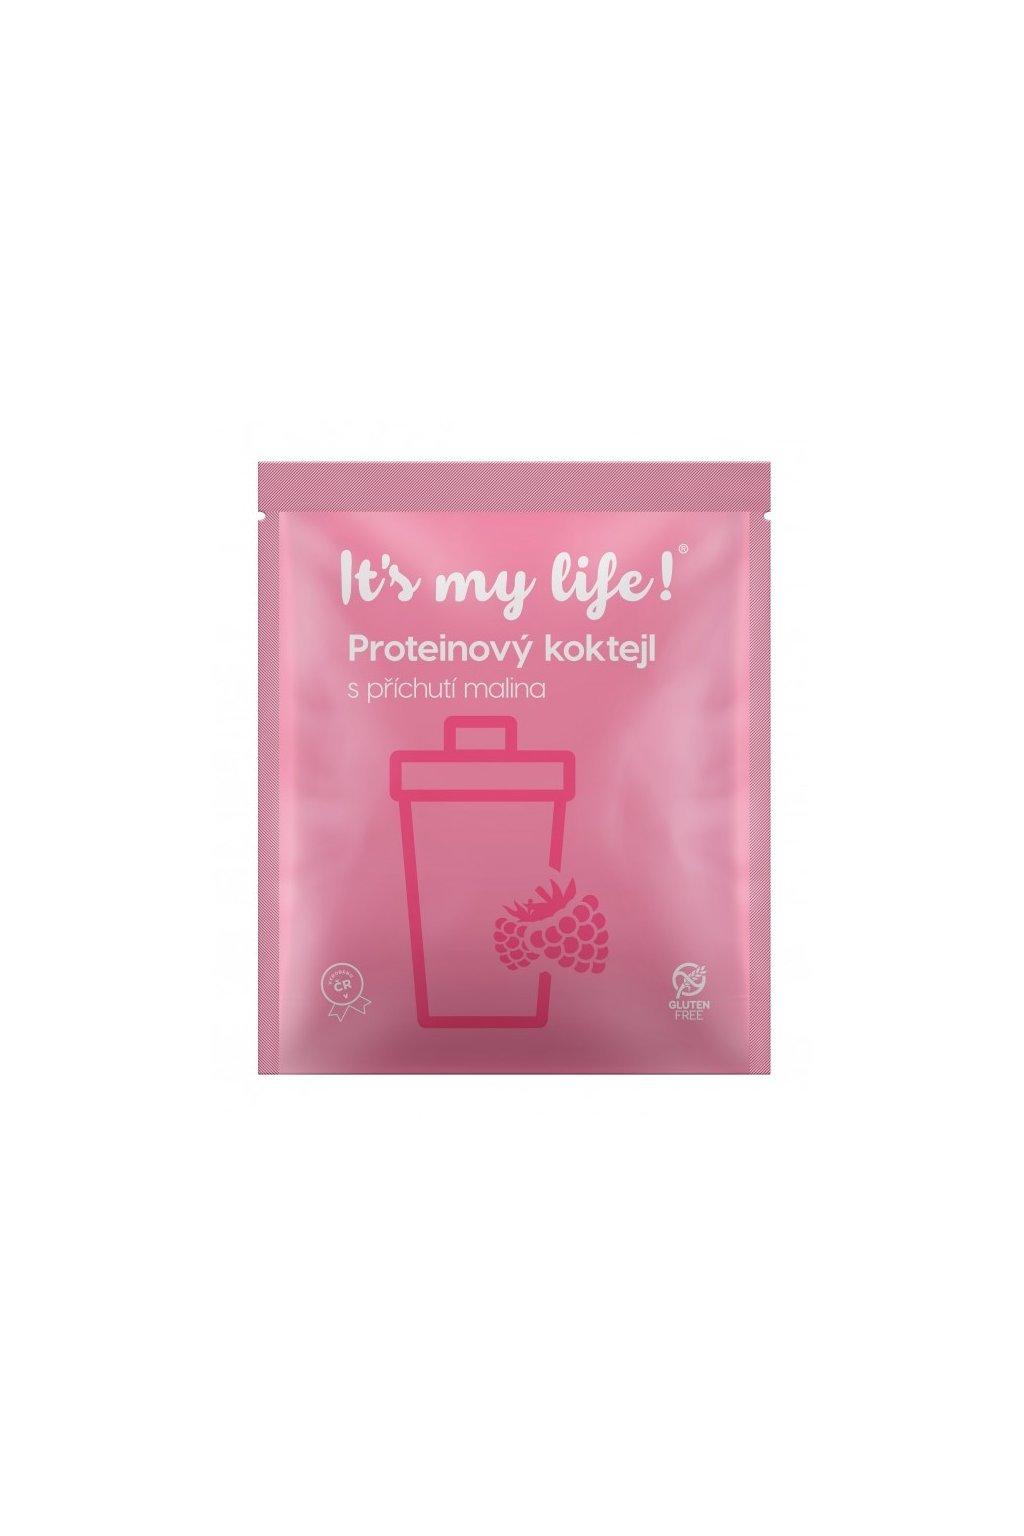 It's my life! Proteinový koktejl malina (stará receptura) 40g (1 porce)